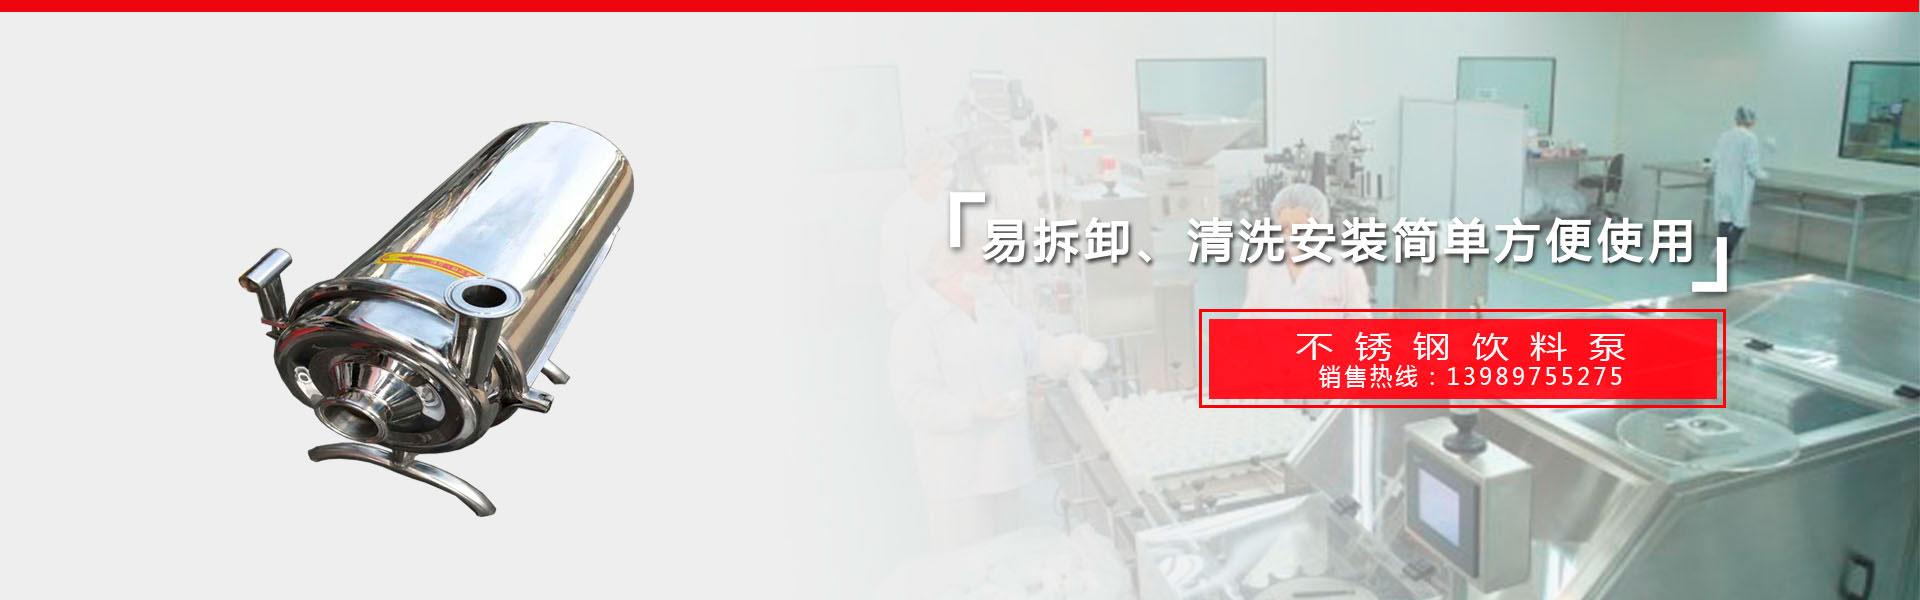 赣州市奥顺丰机电有限公司